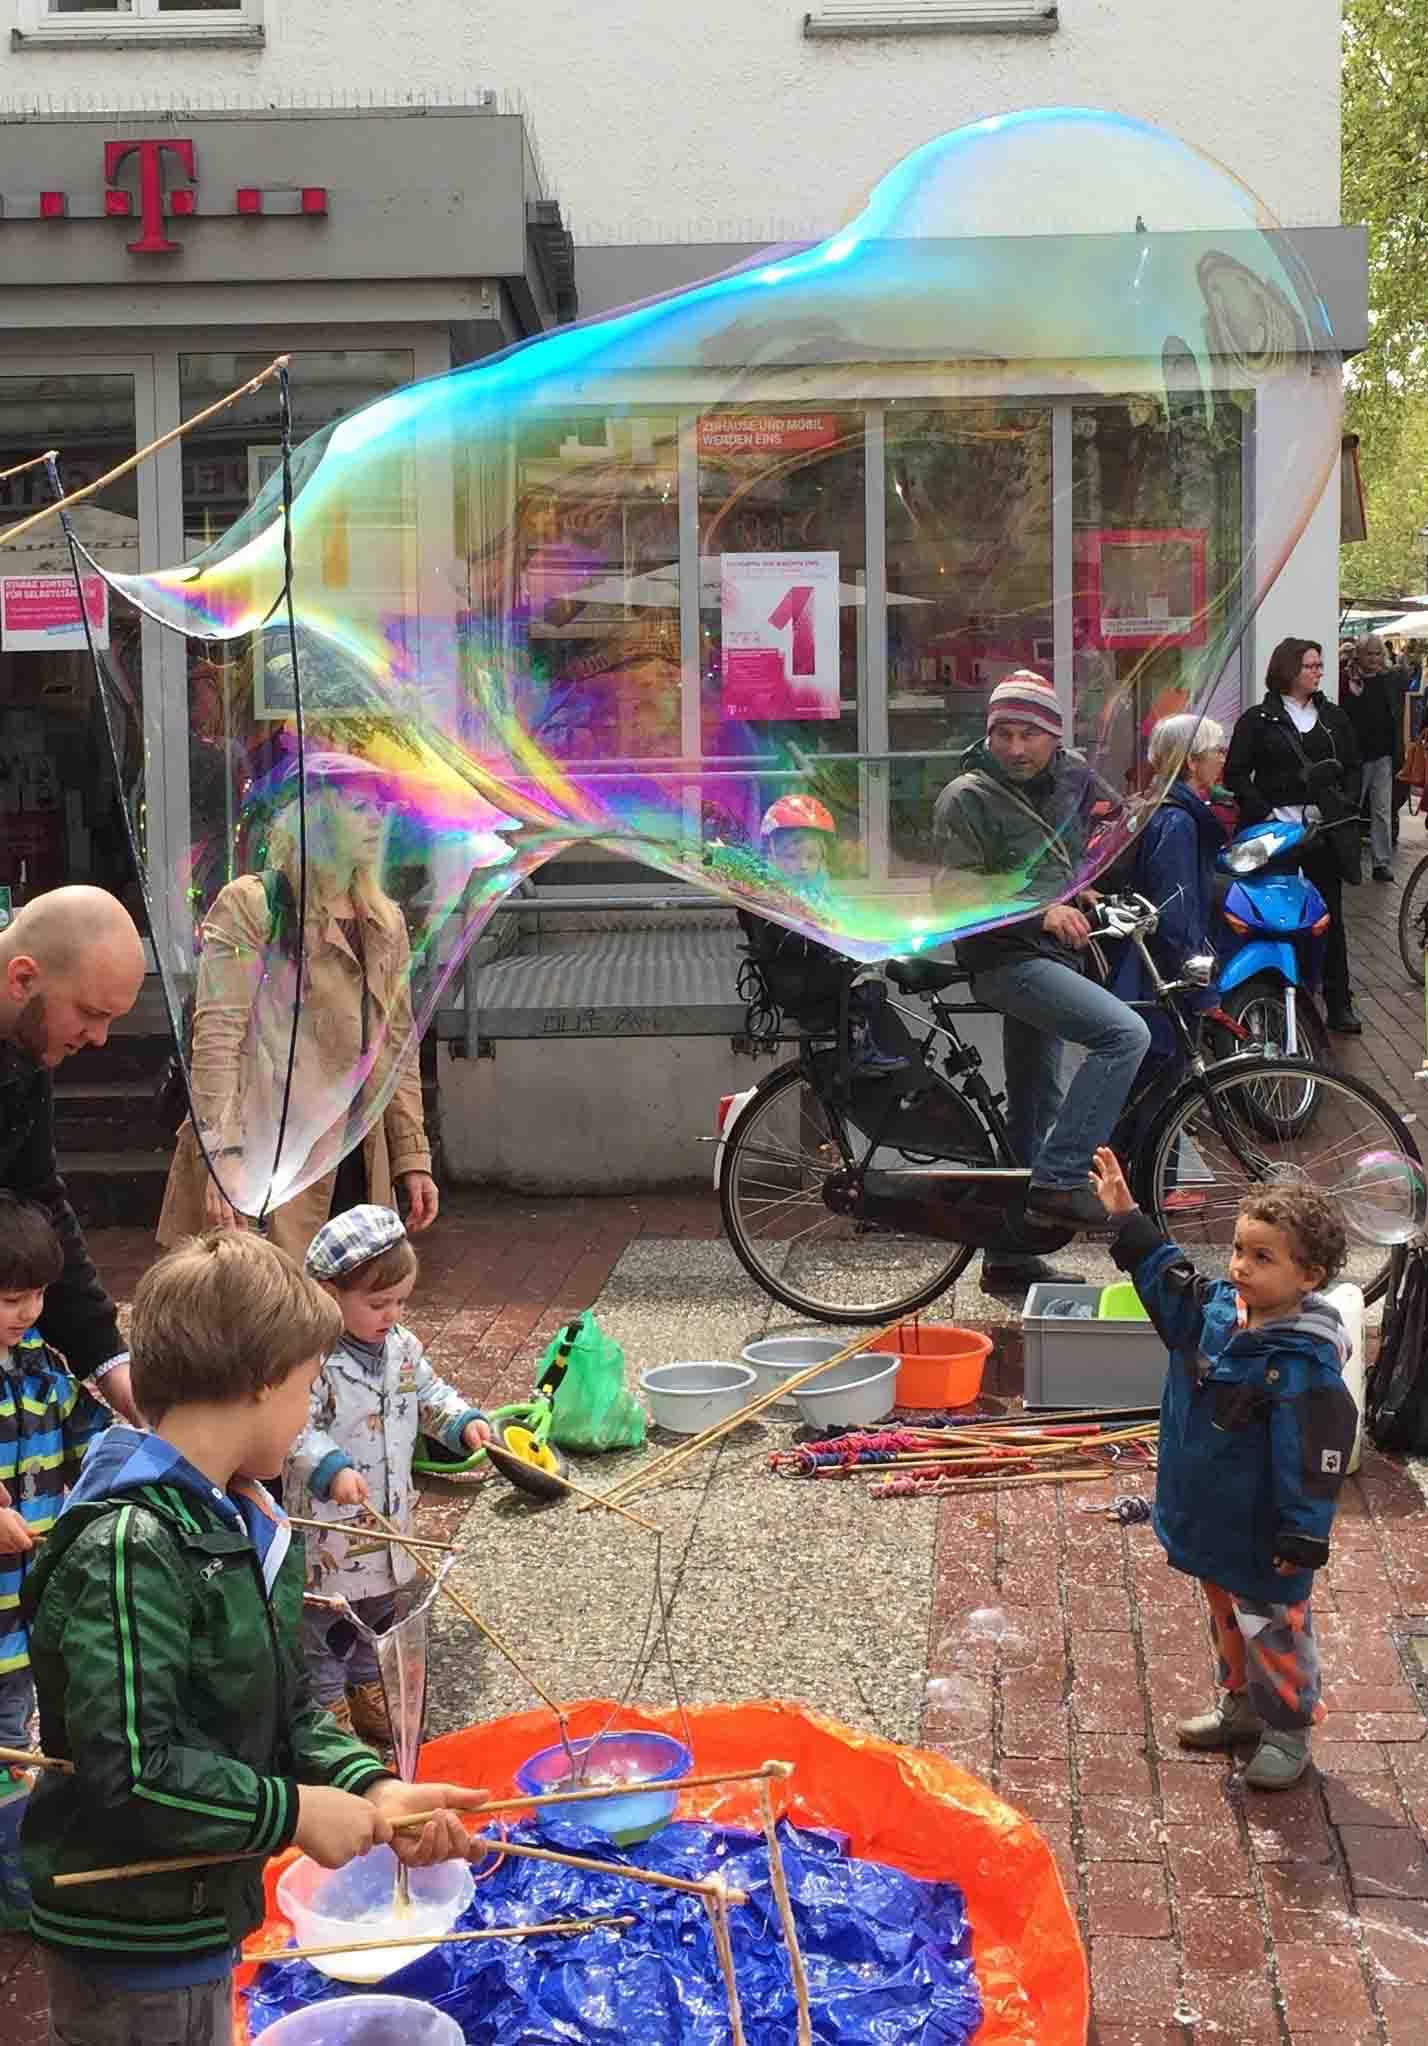 Dreieck groß, Spielzeug, Riesenseifenblasen